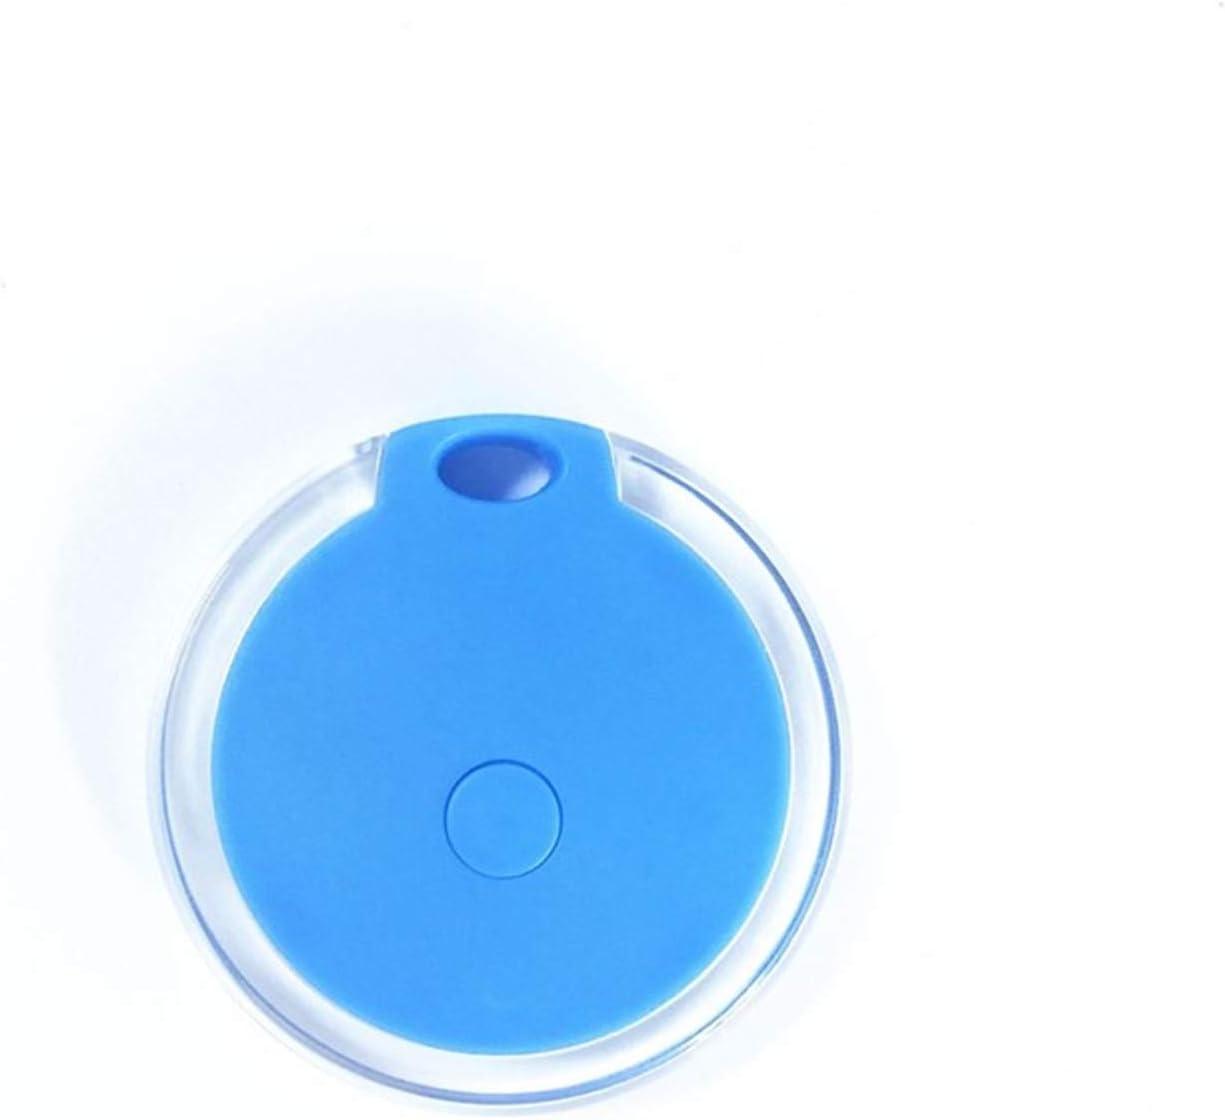 ARONTIME Rastreador GPS para mascotas, equipo inteligente de posicionamiento y búsqueda de perros, rastreador antipérdida, regalo de protección de seguridad para gatos y perros (azul)